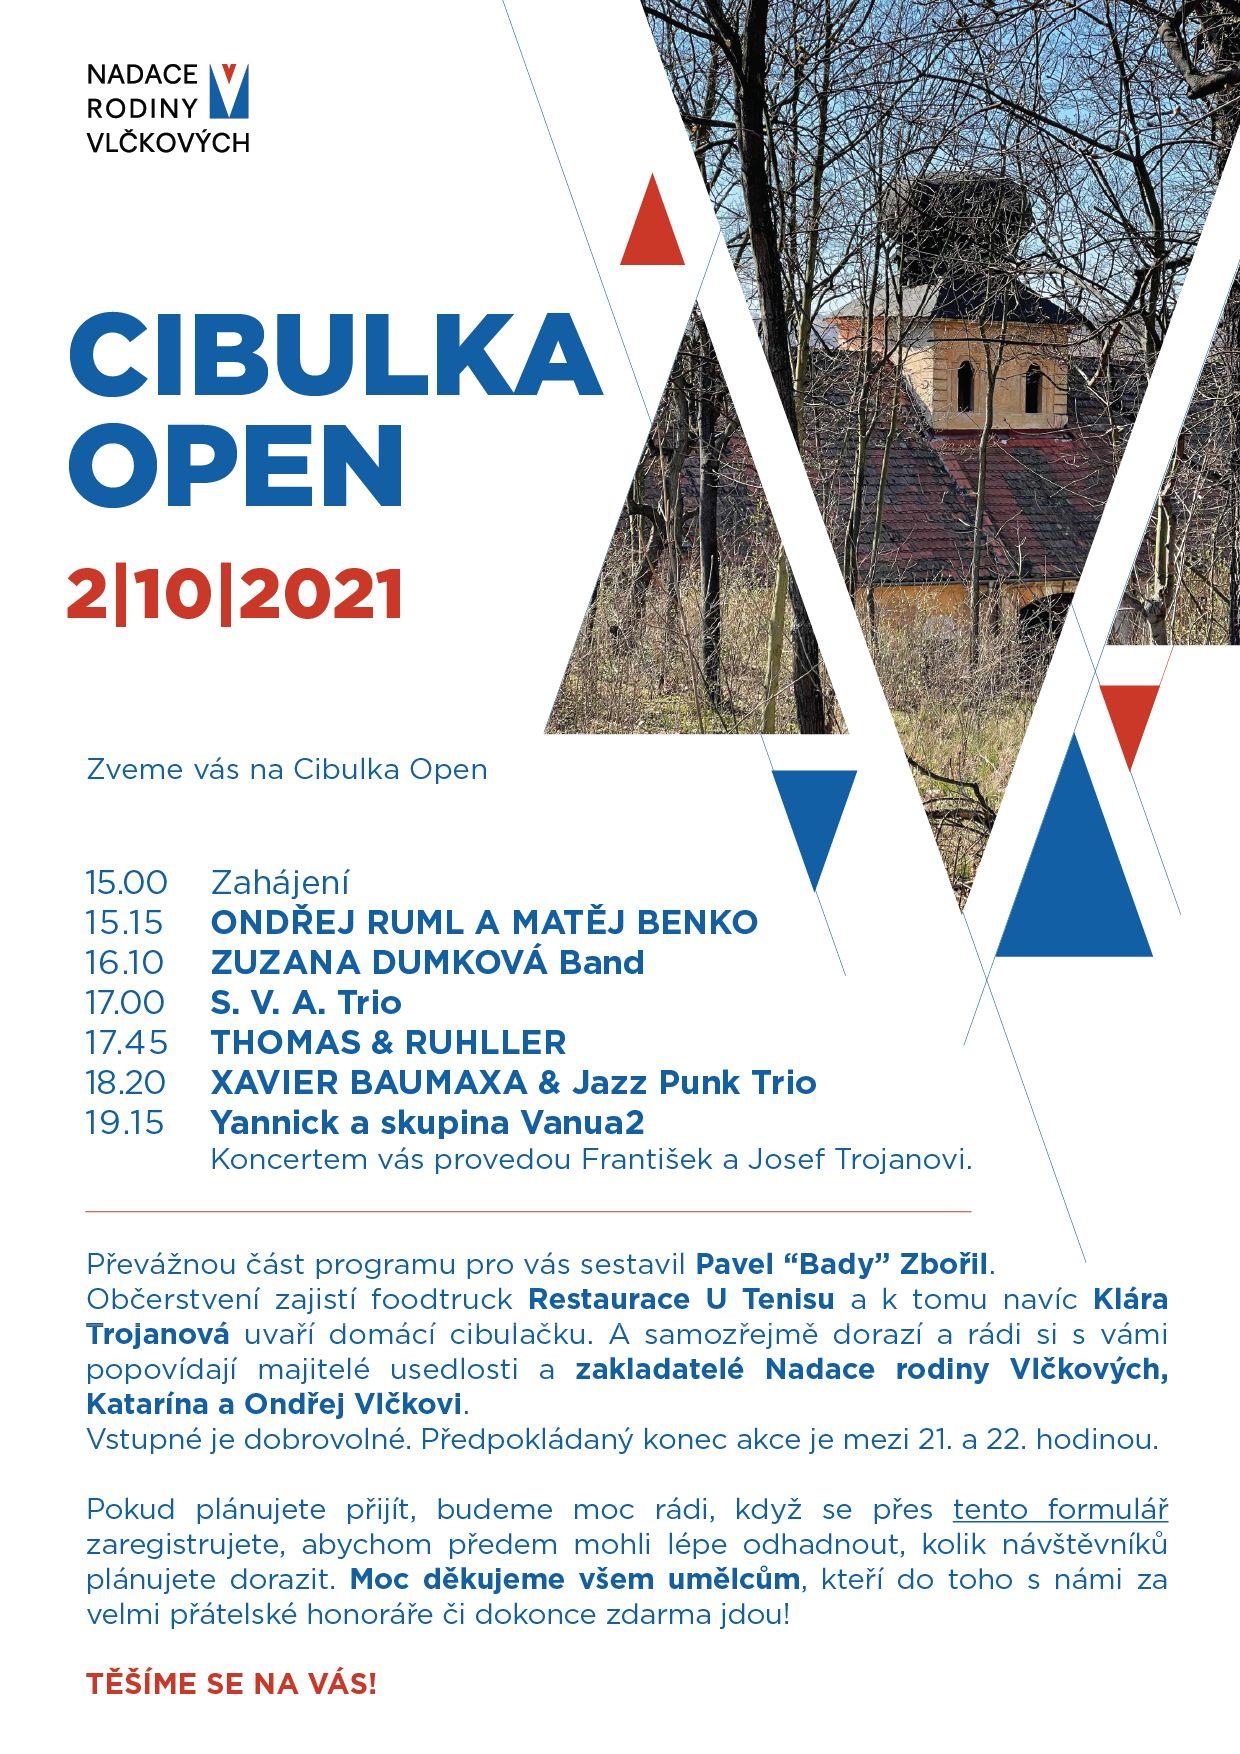 Cibulka Open